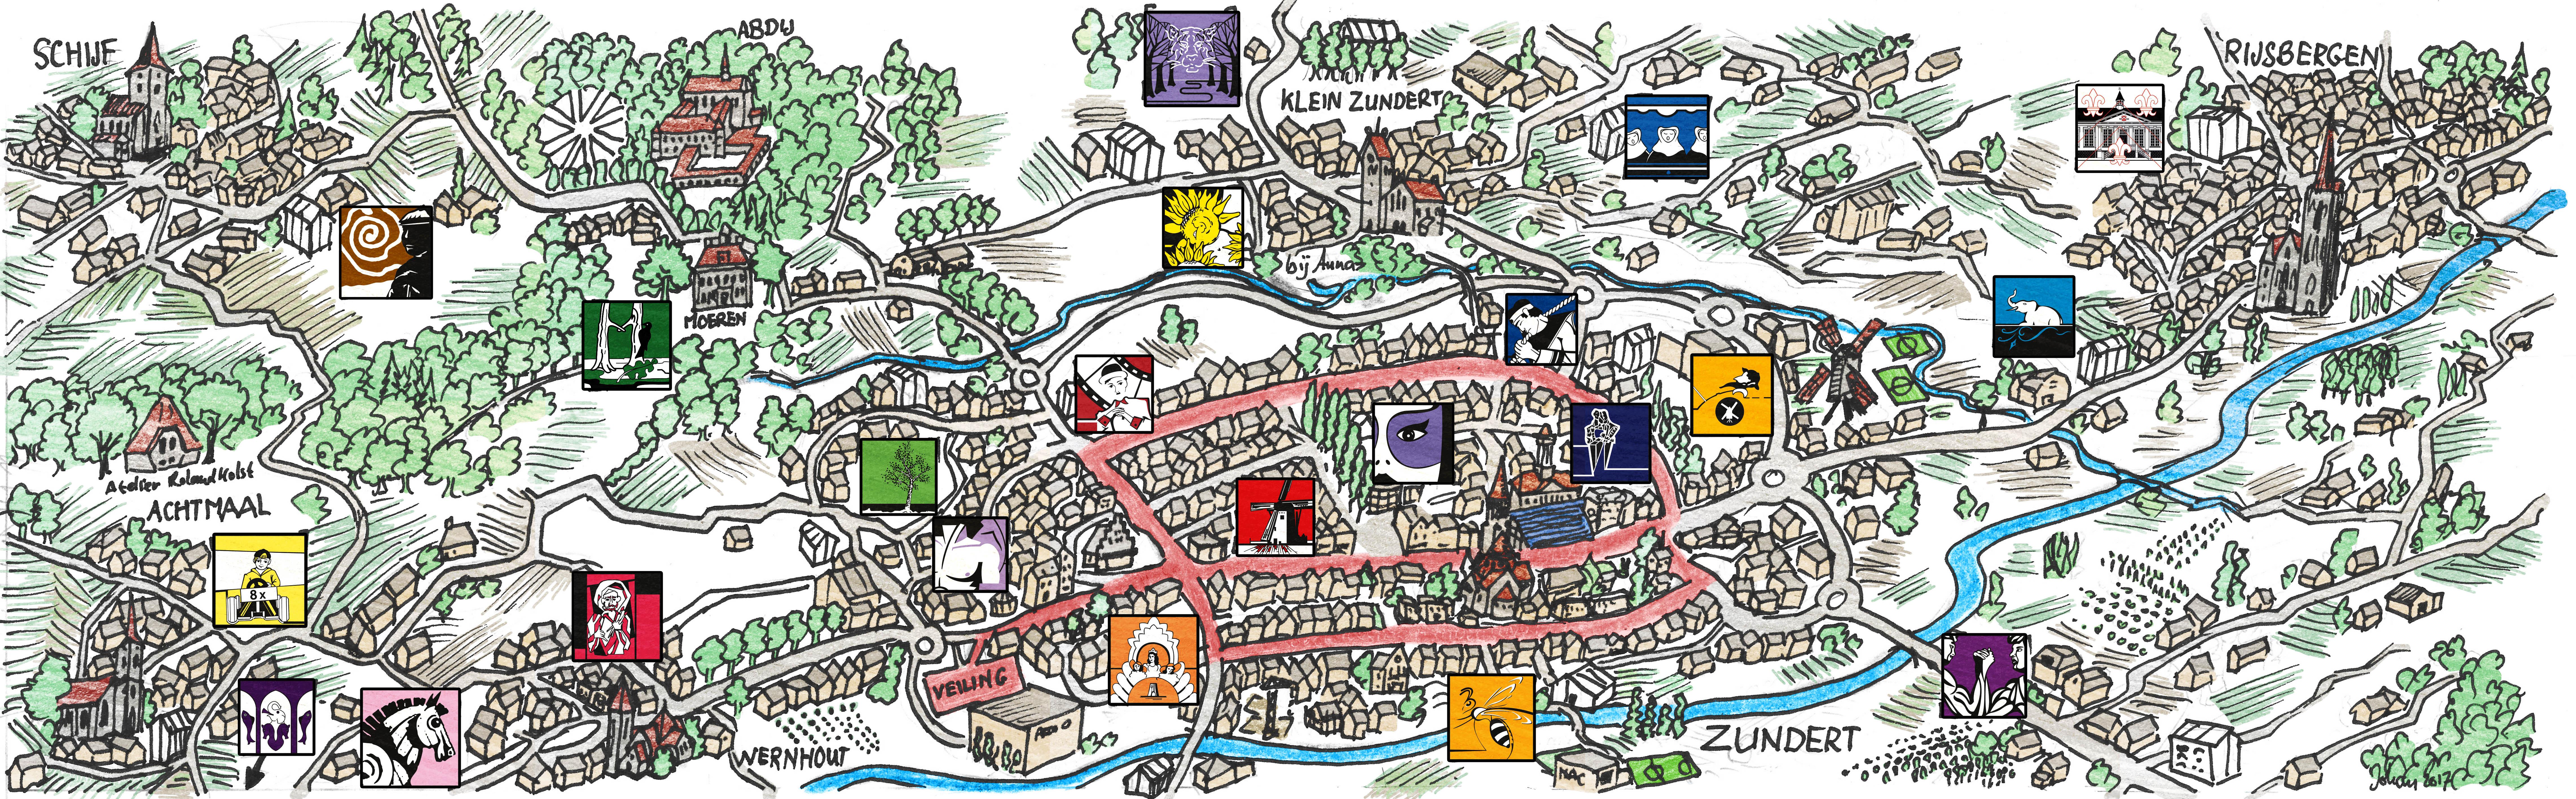 buurtschappen_kaart_klein